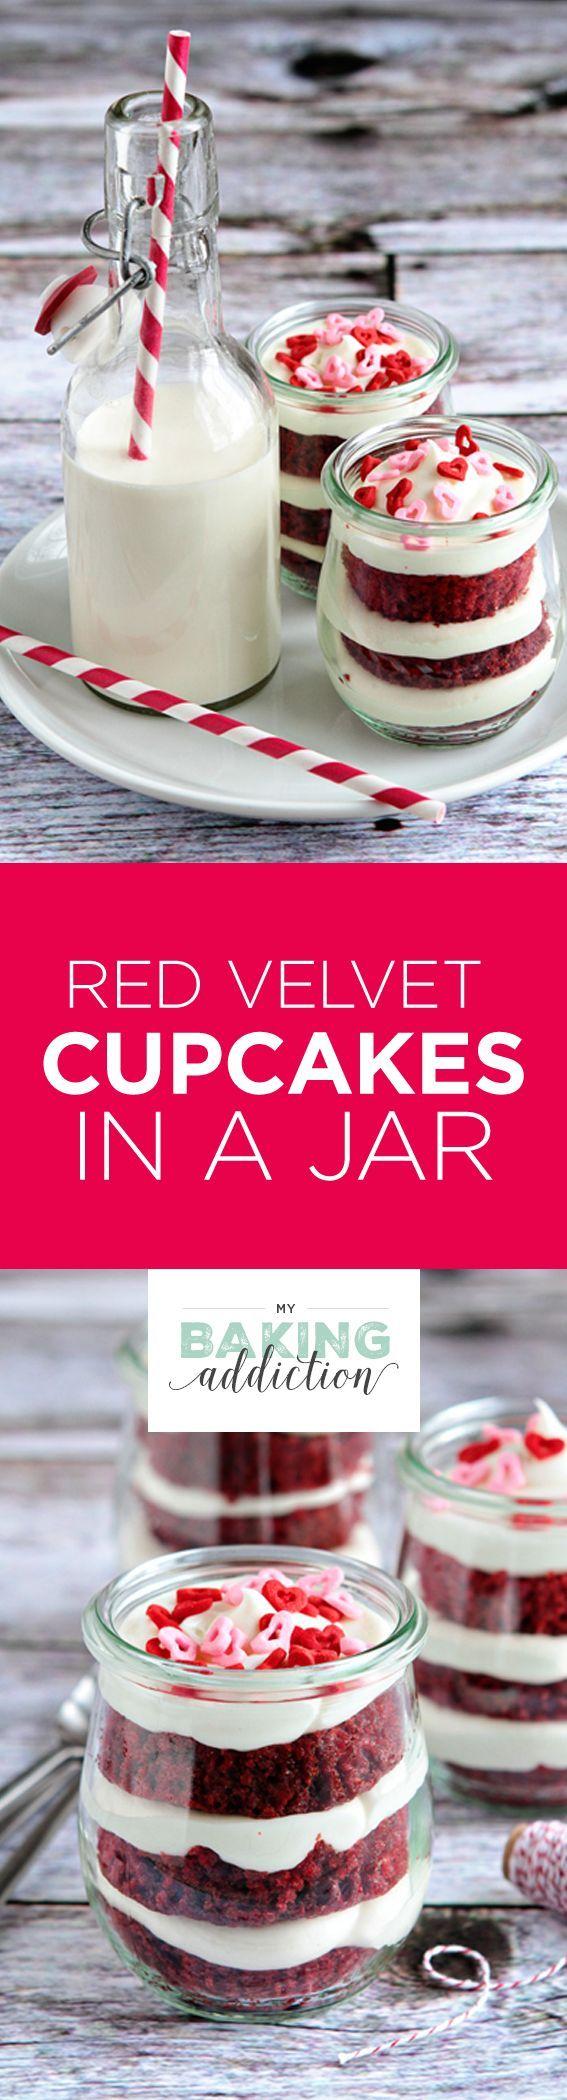 Bulk Barn Red Velvet Cake Mix